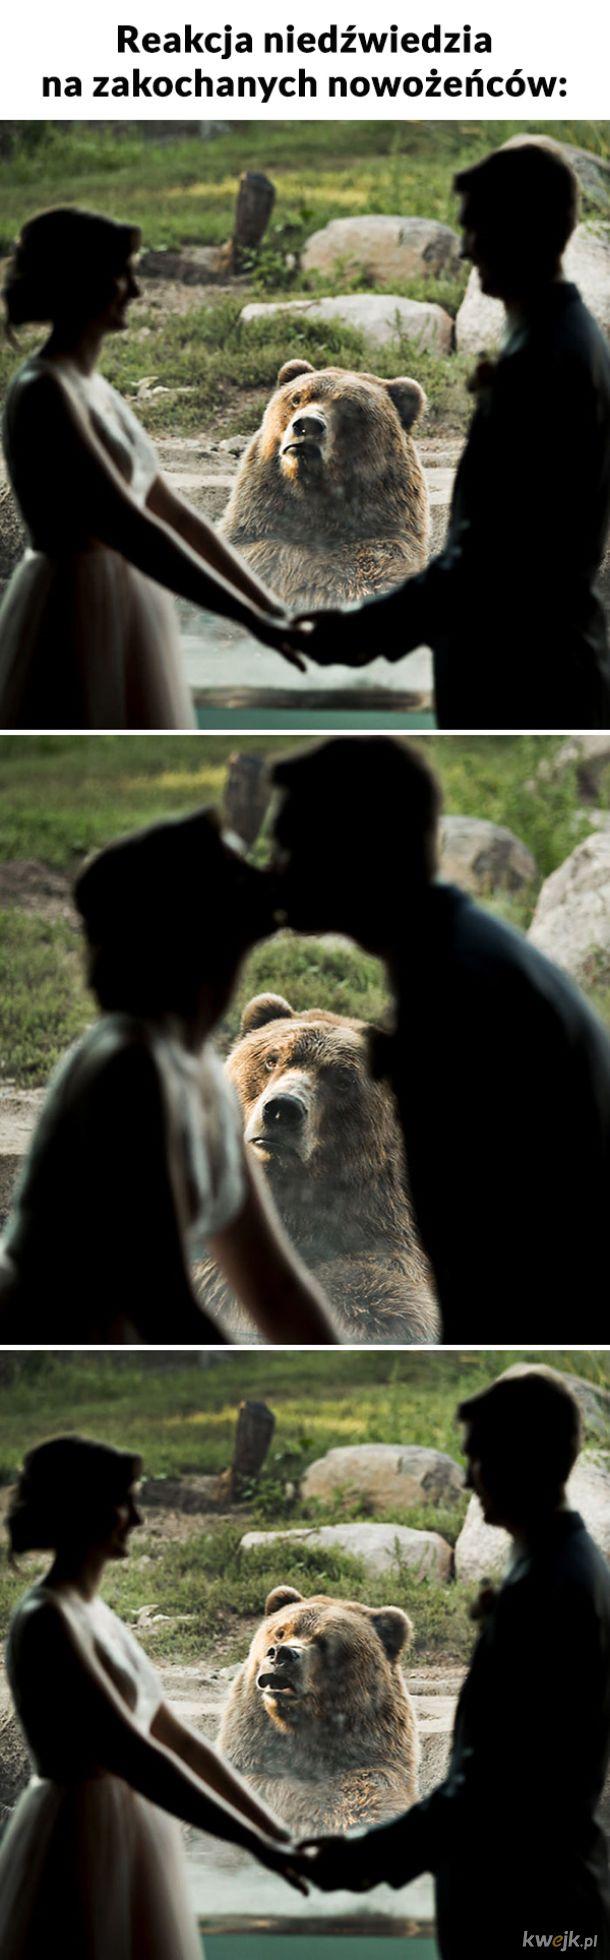 Ten niedźwiedź to ja